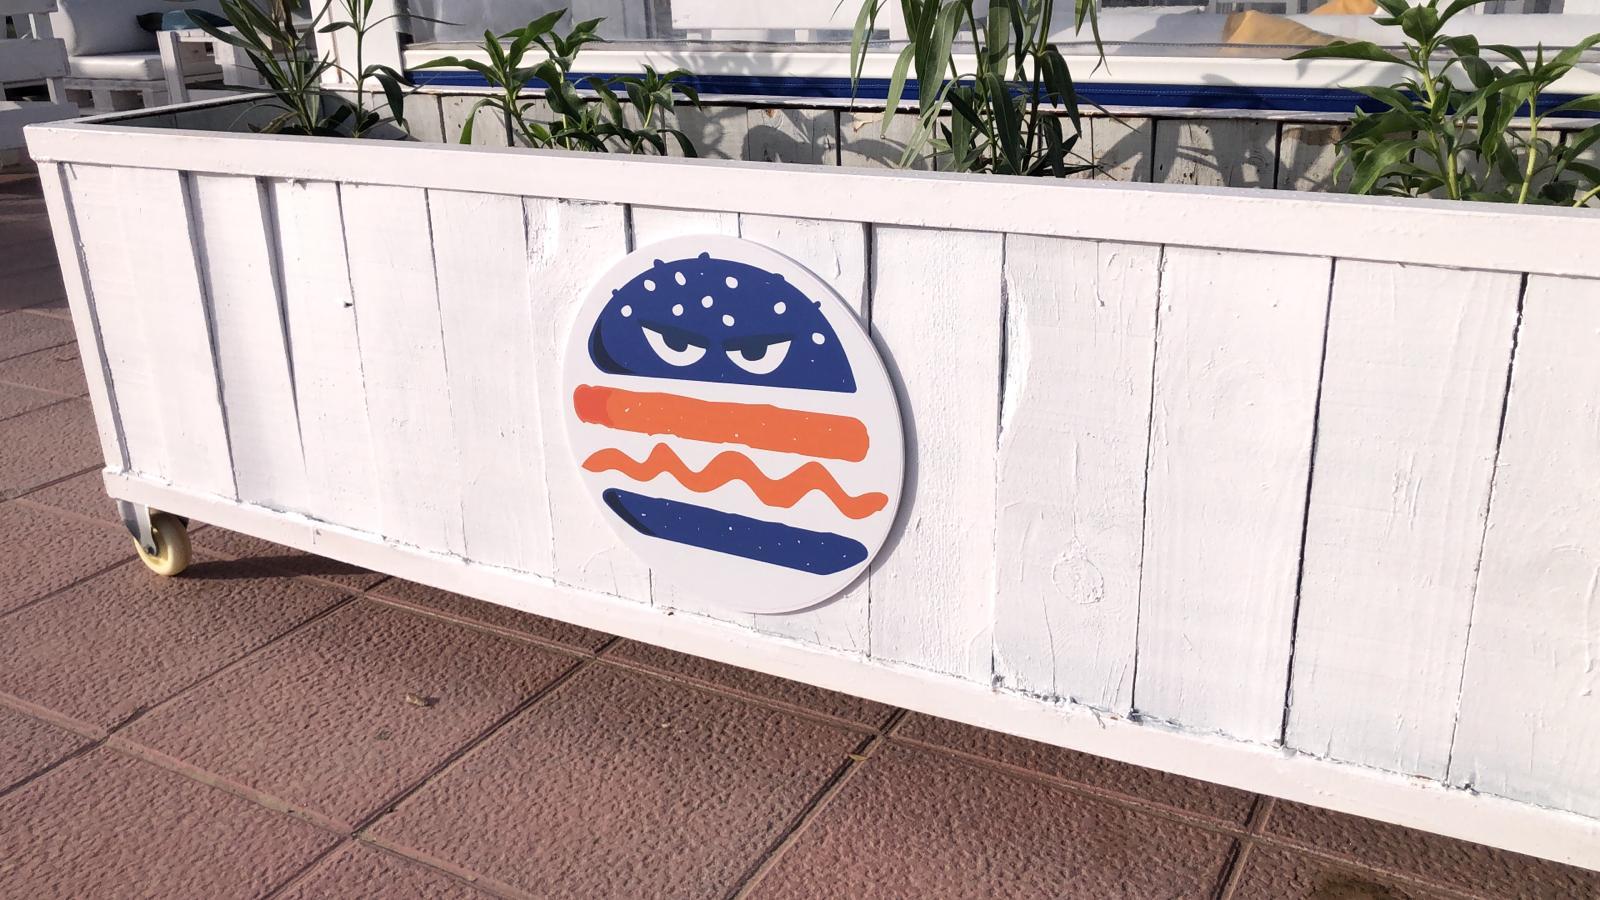 Imagotipo de Malvado Burger en un macetero